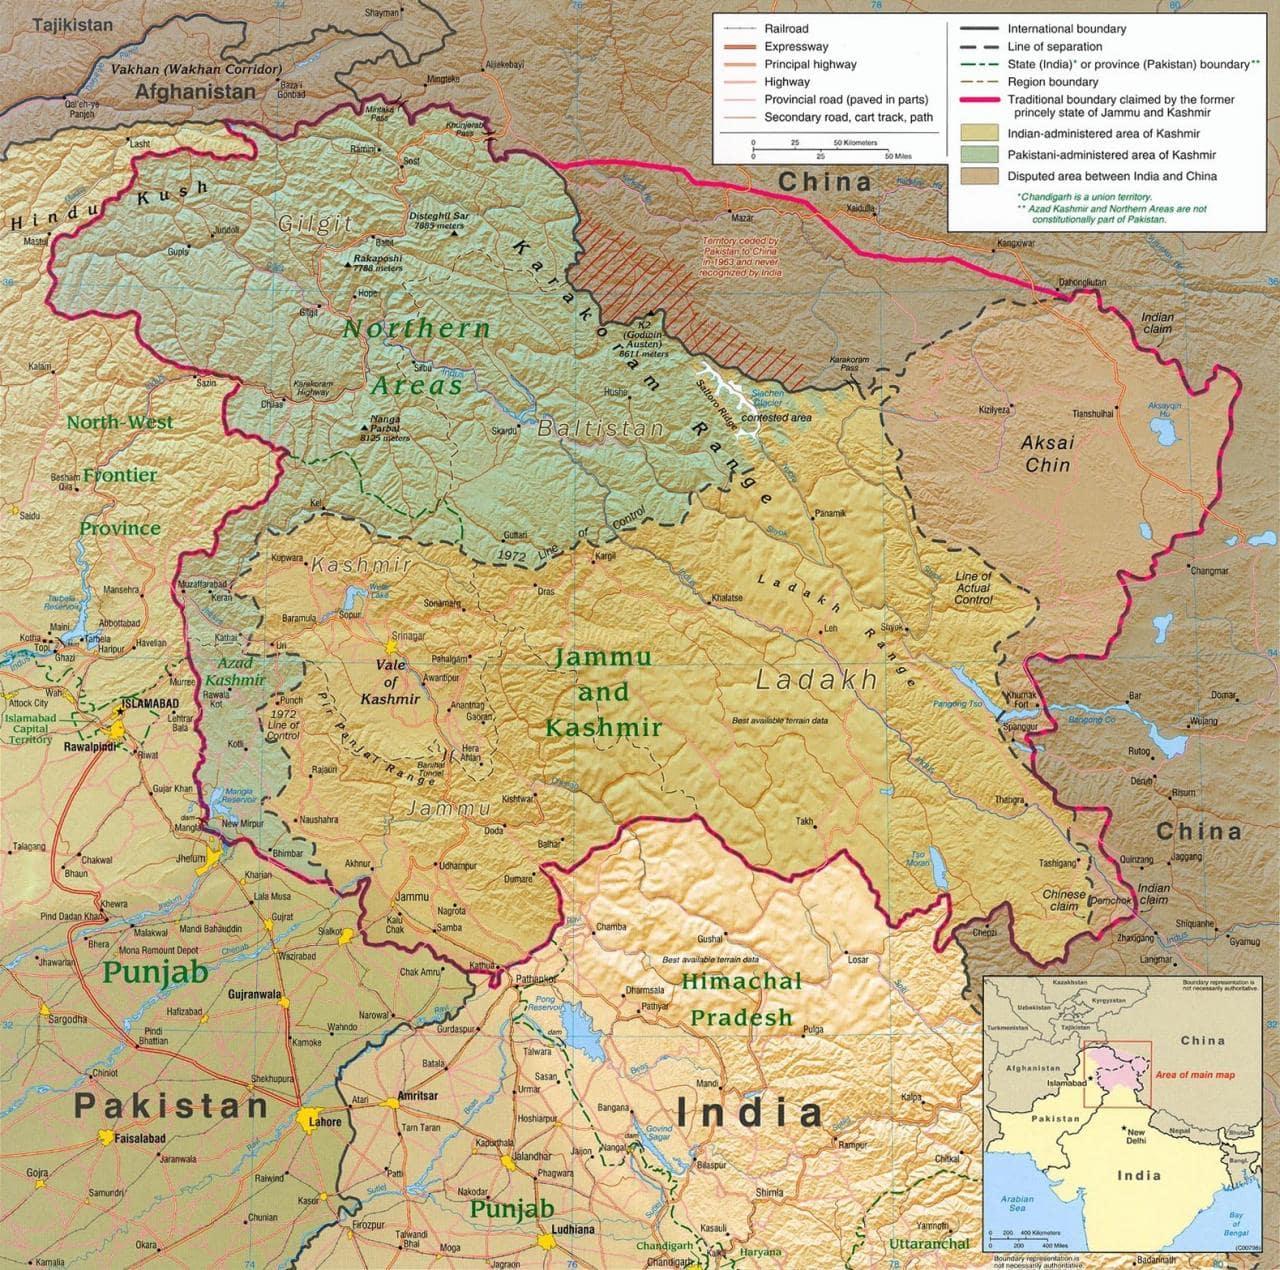 喀什米爾暴動:國家認同只有兩種,「好的印度人」以及「叛國者」